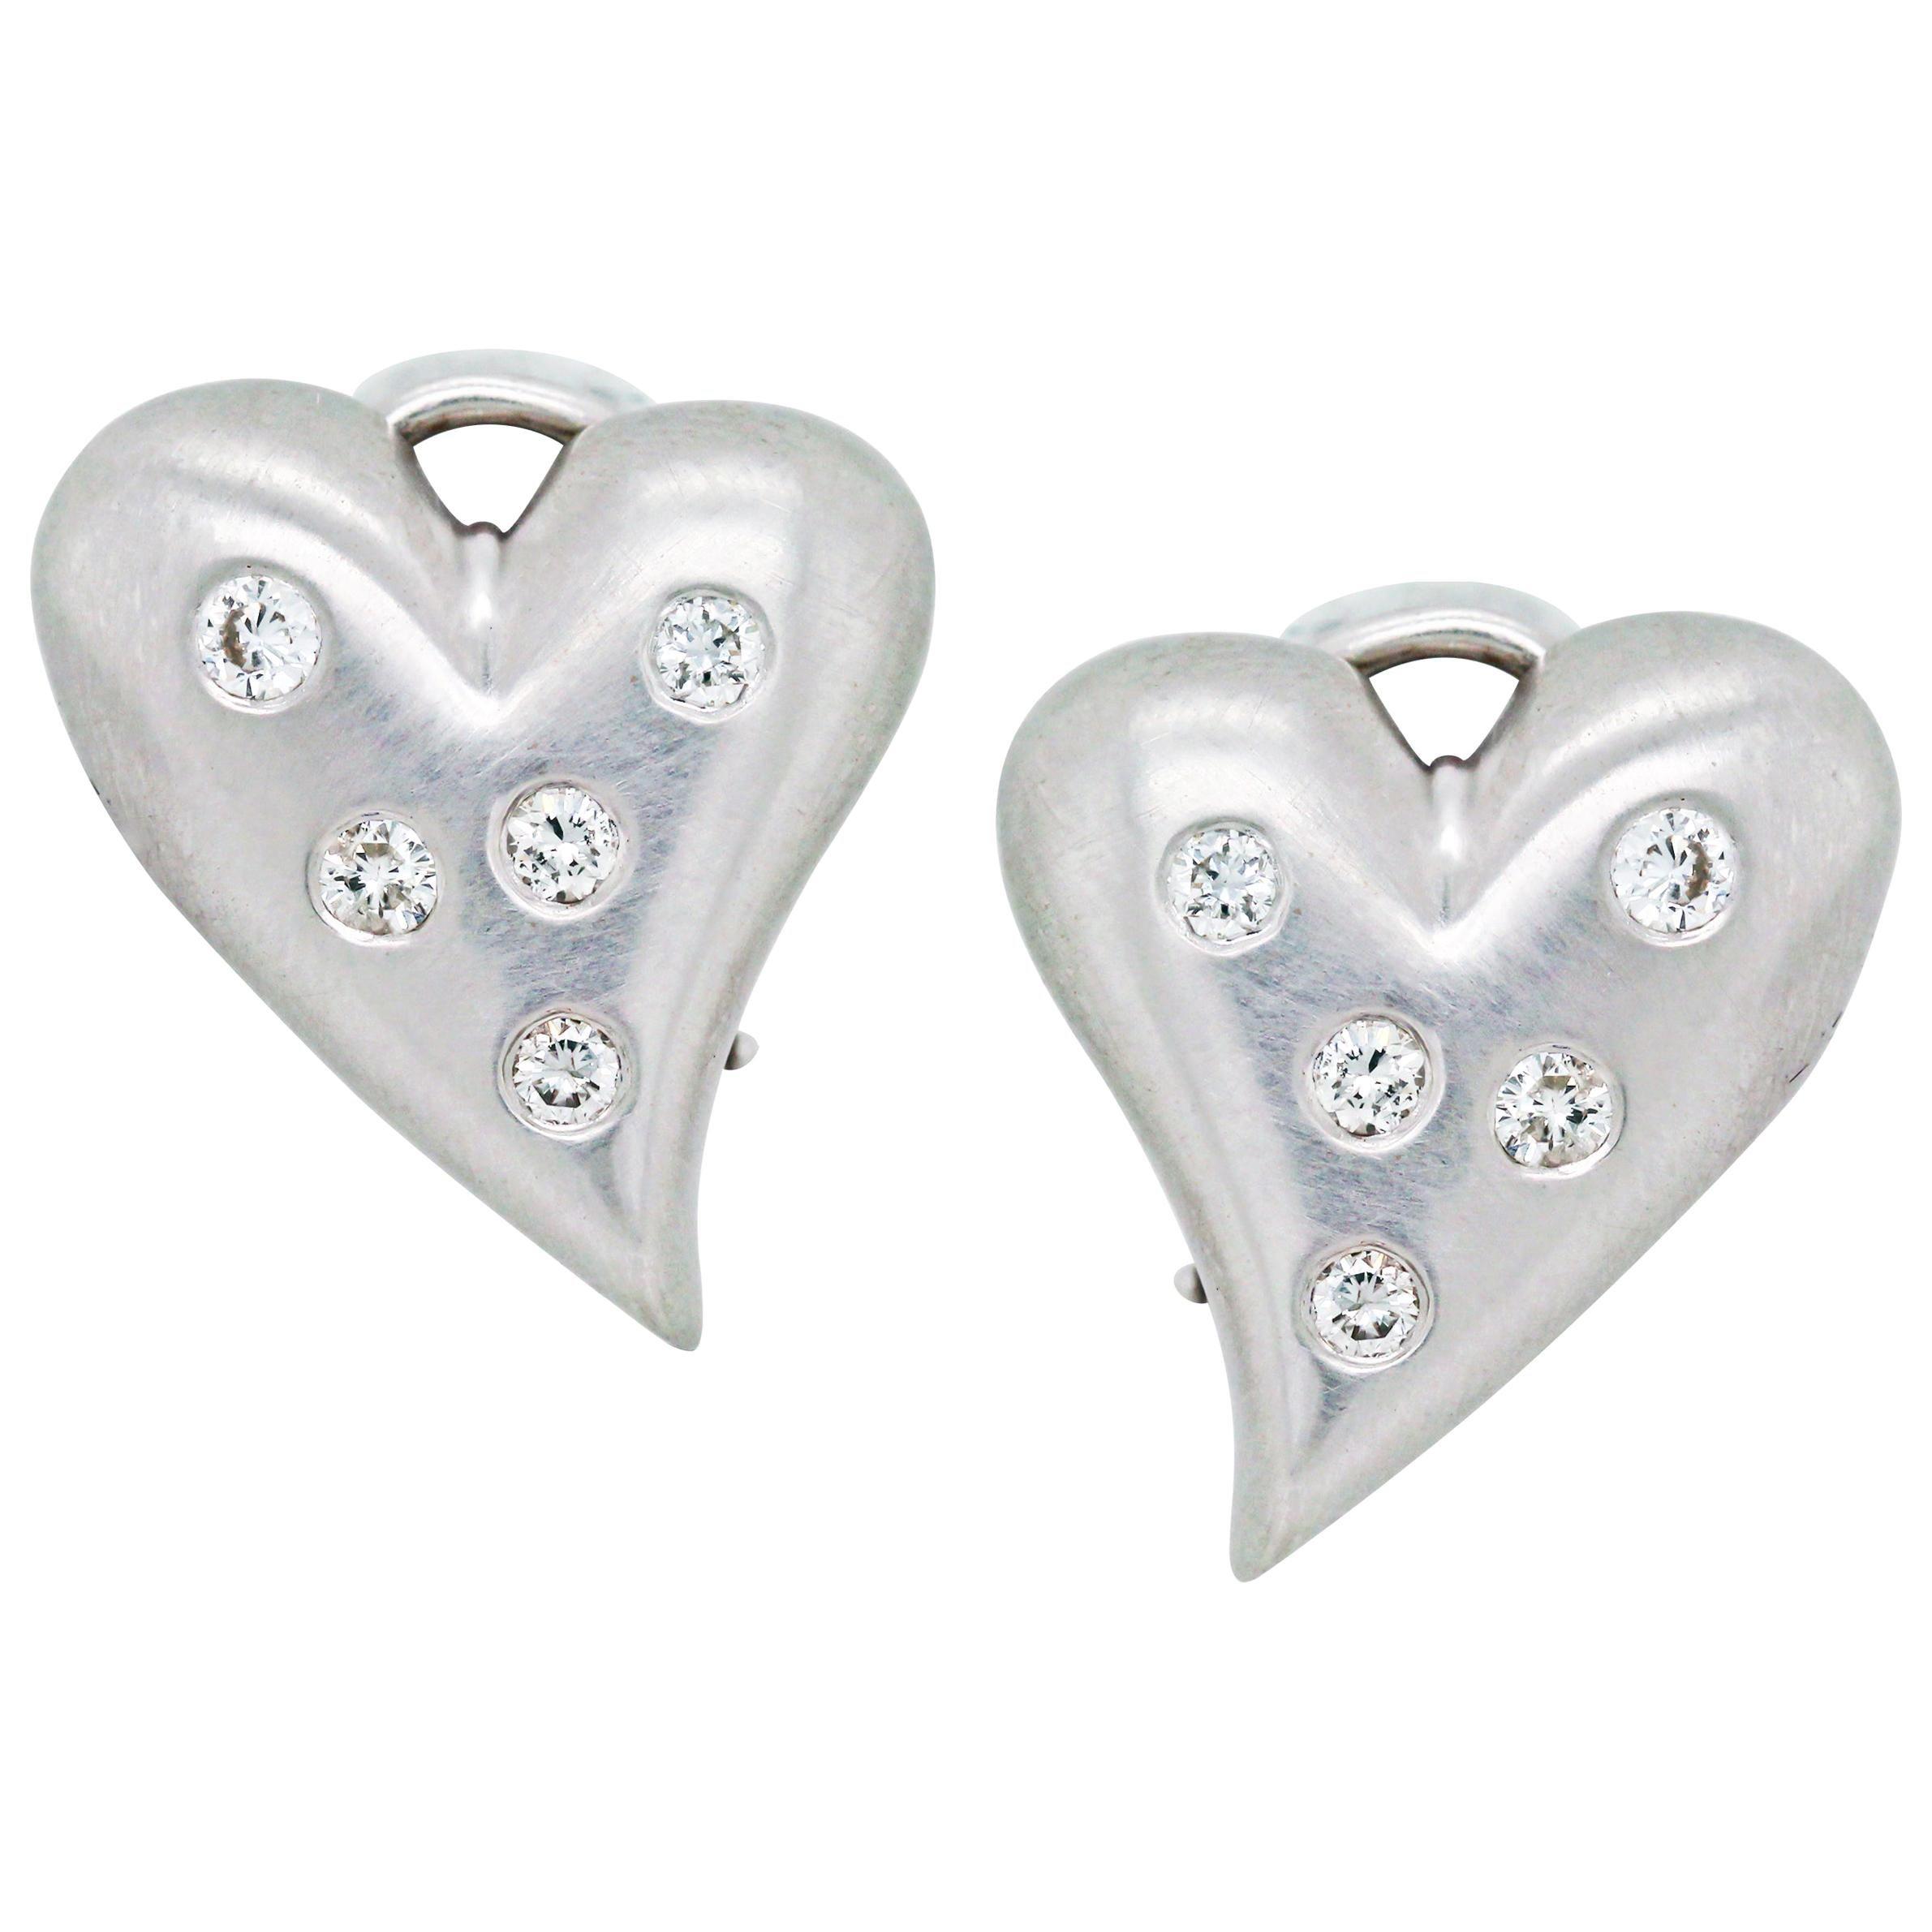 18 Karat White Gold and Diamond Heart Earrings